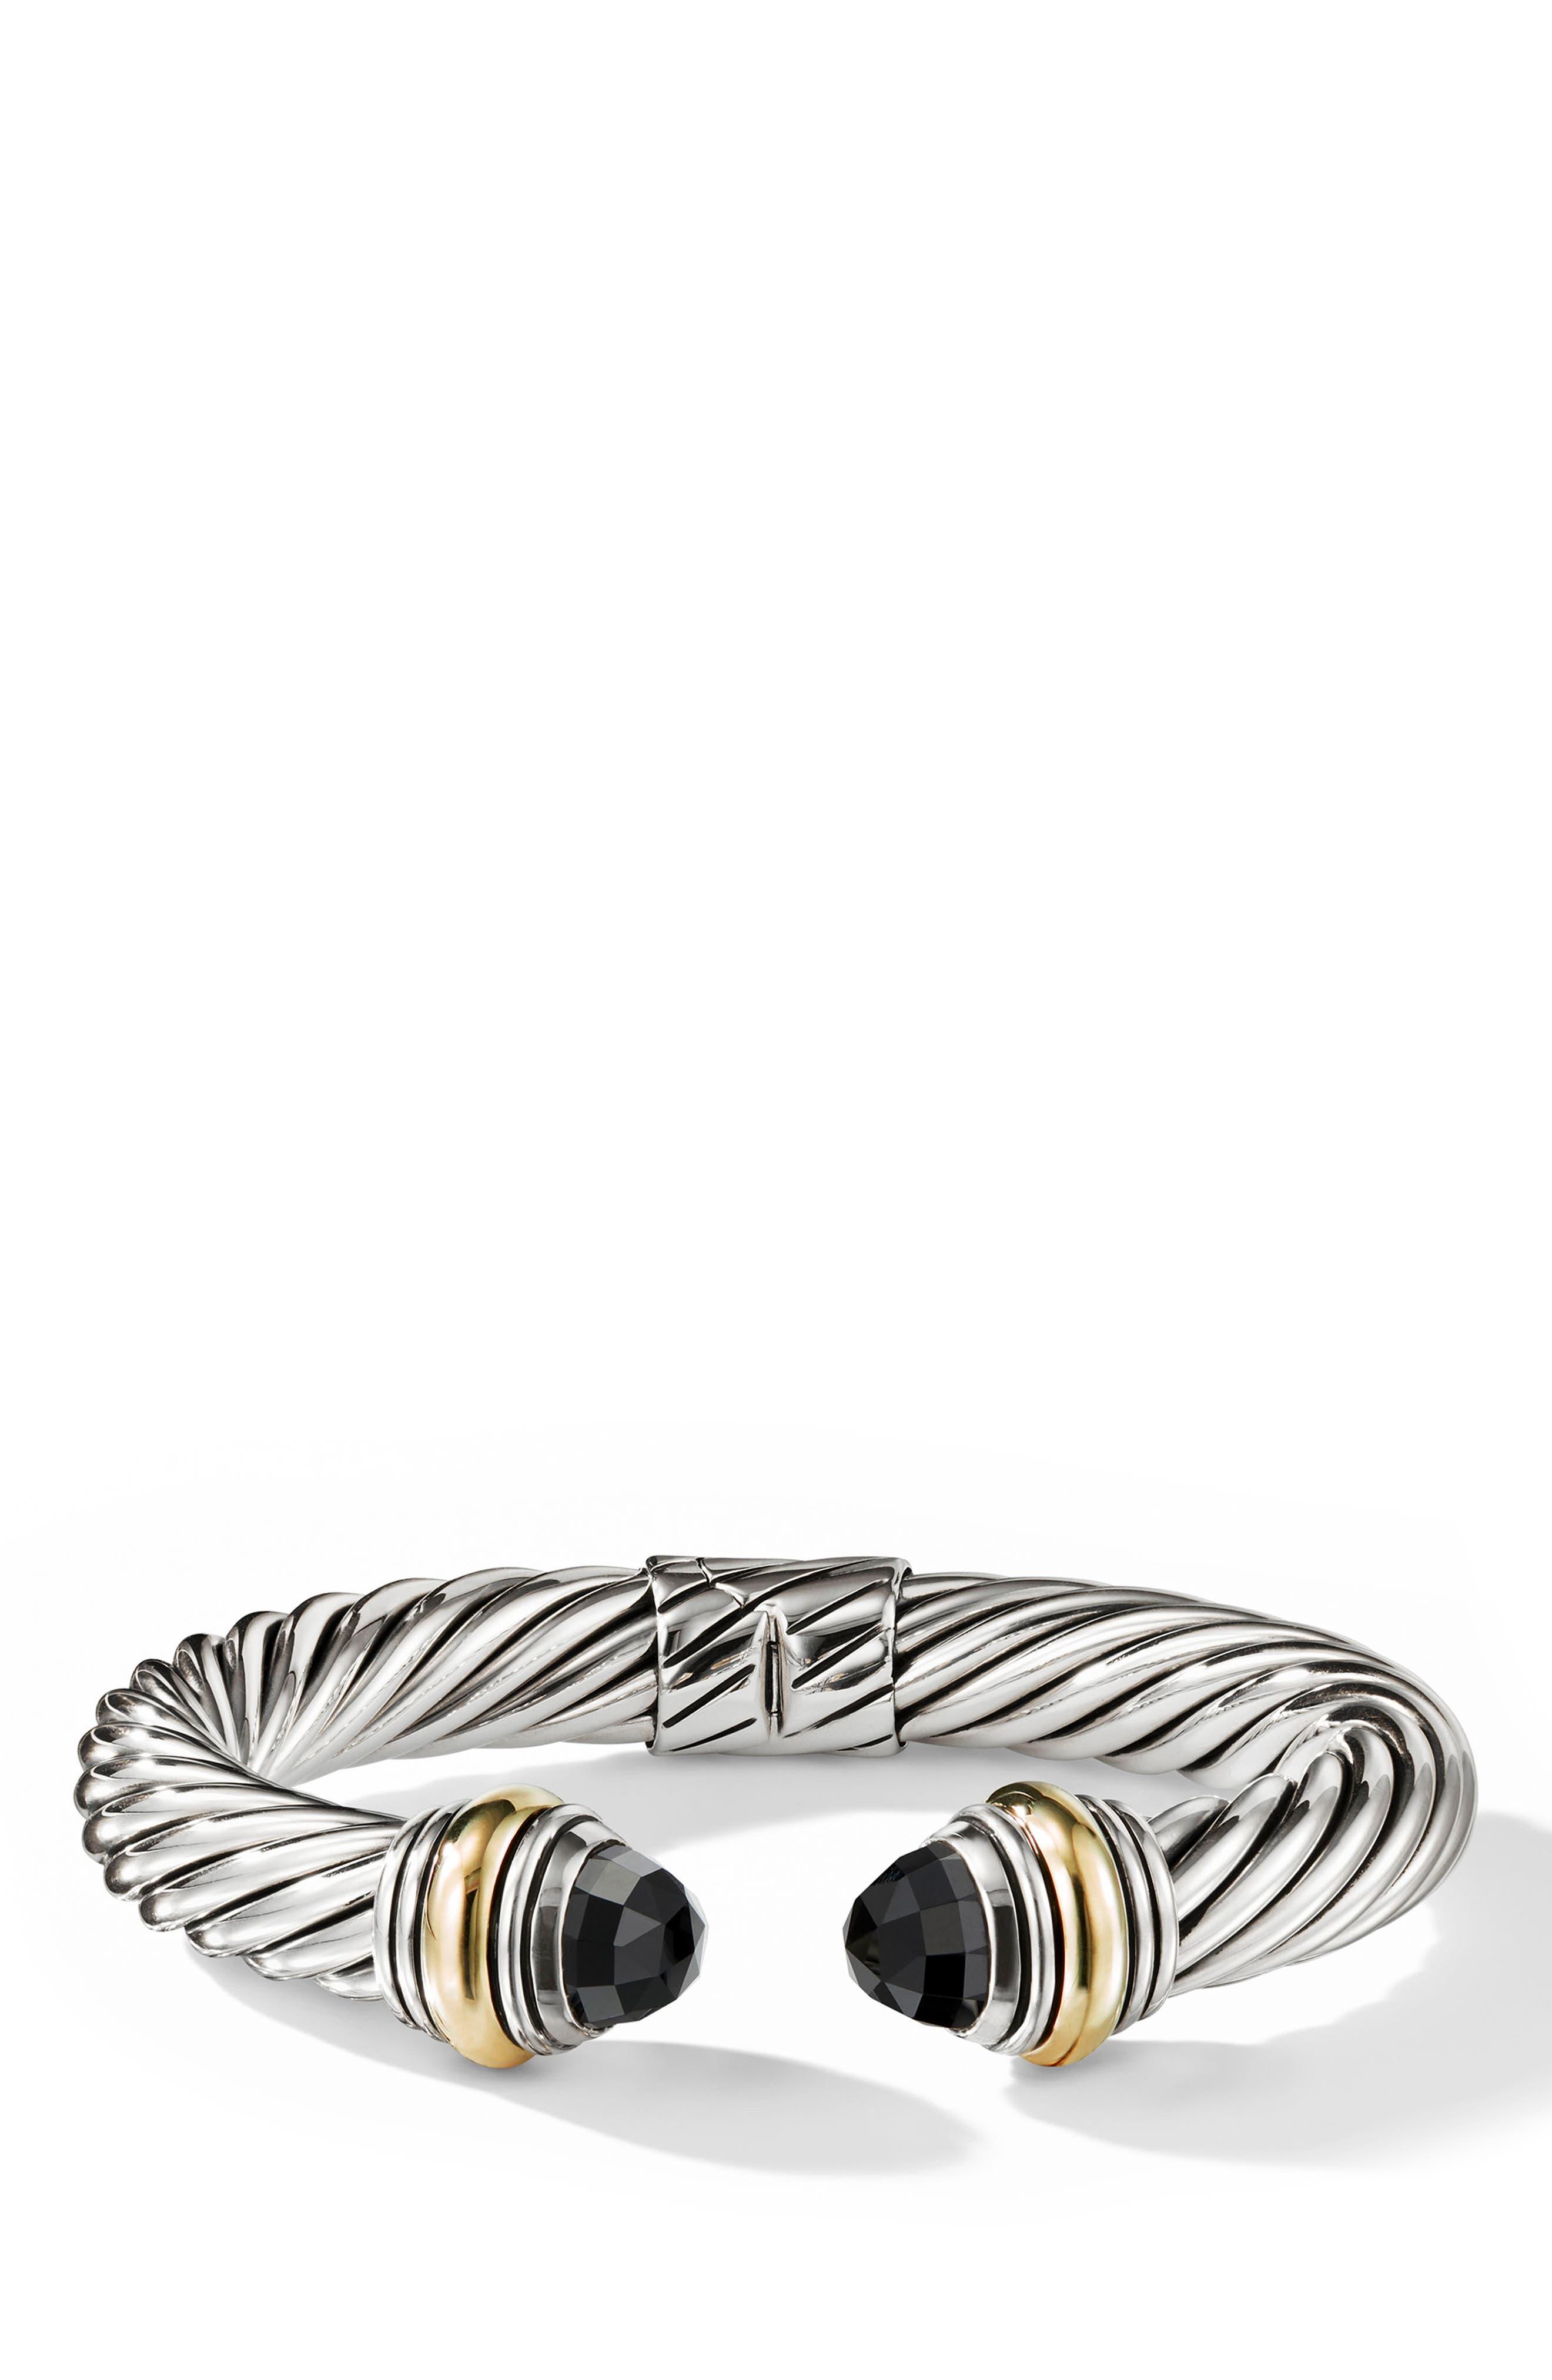 Cable Classics Bracelet, Main, color, GOLD/ SILVER/ BLACK ONYX